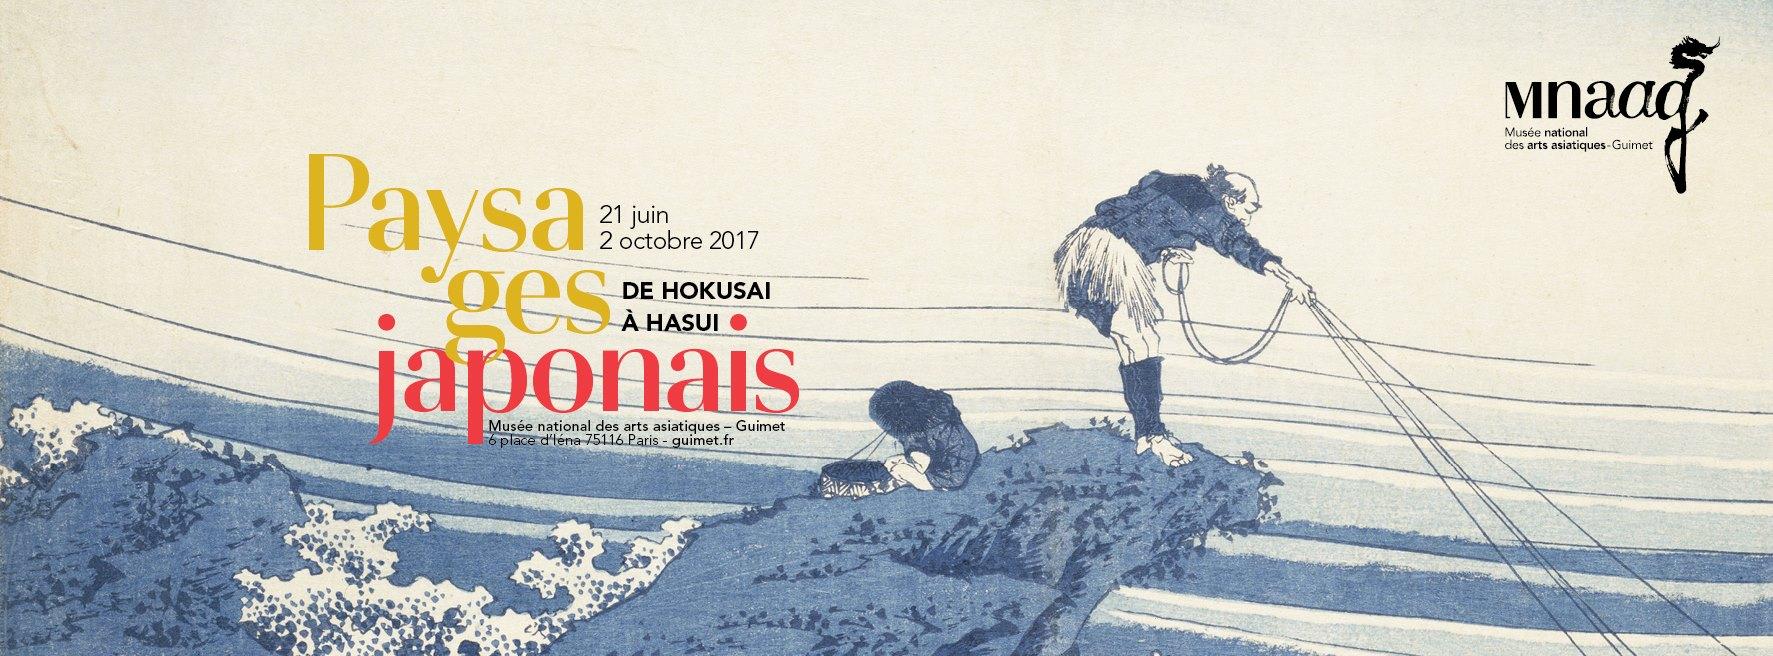 Affiche Paysages japonais, de Hokusai à Hasui